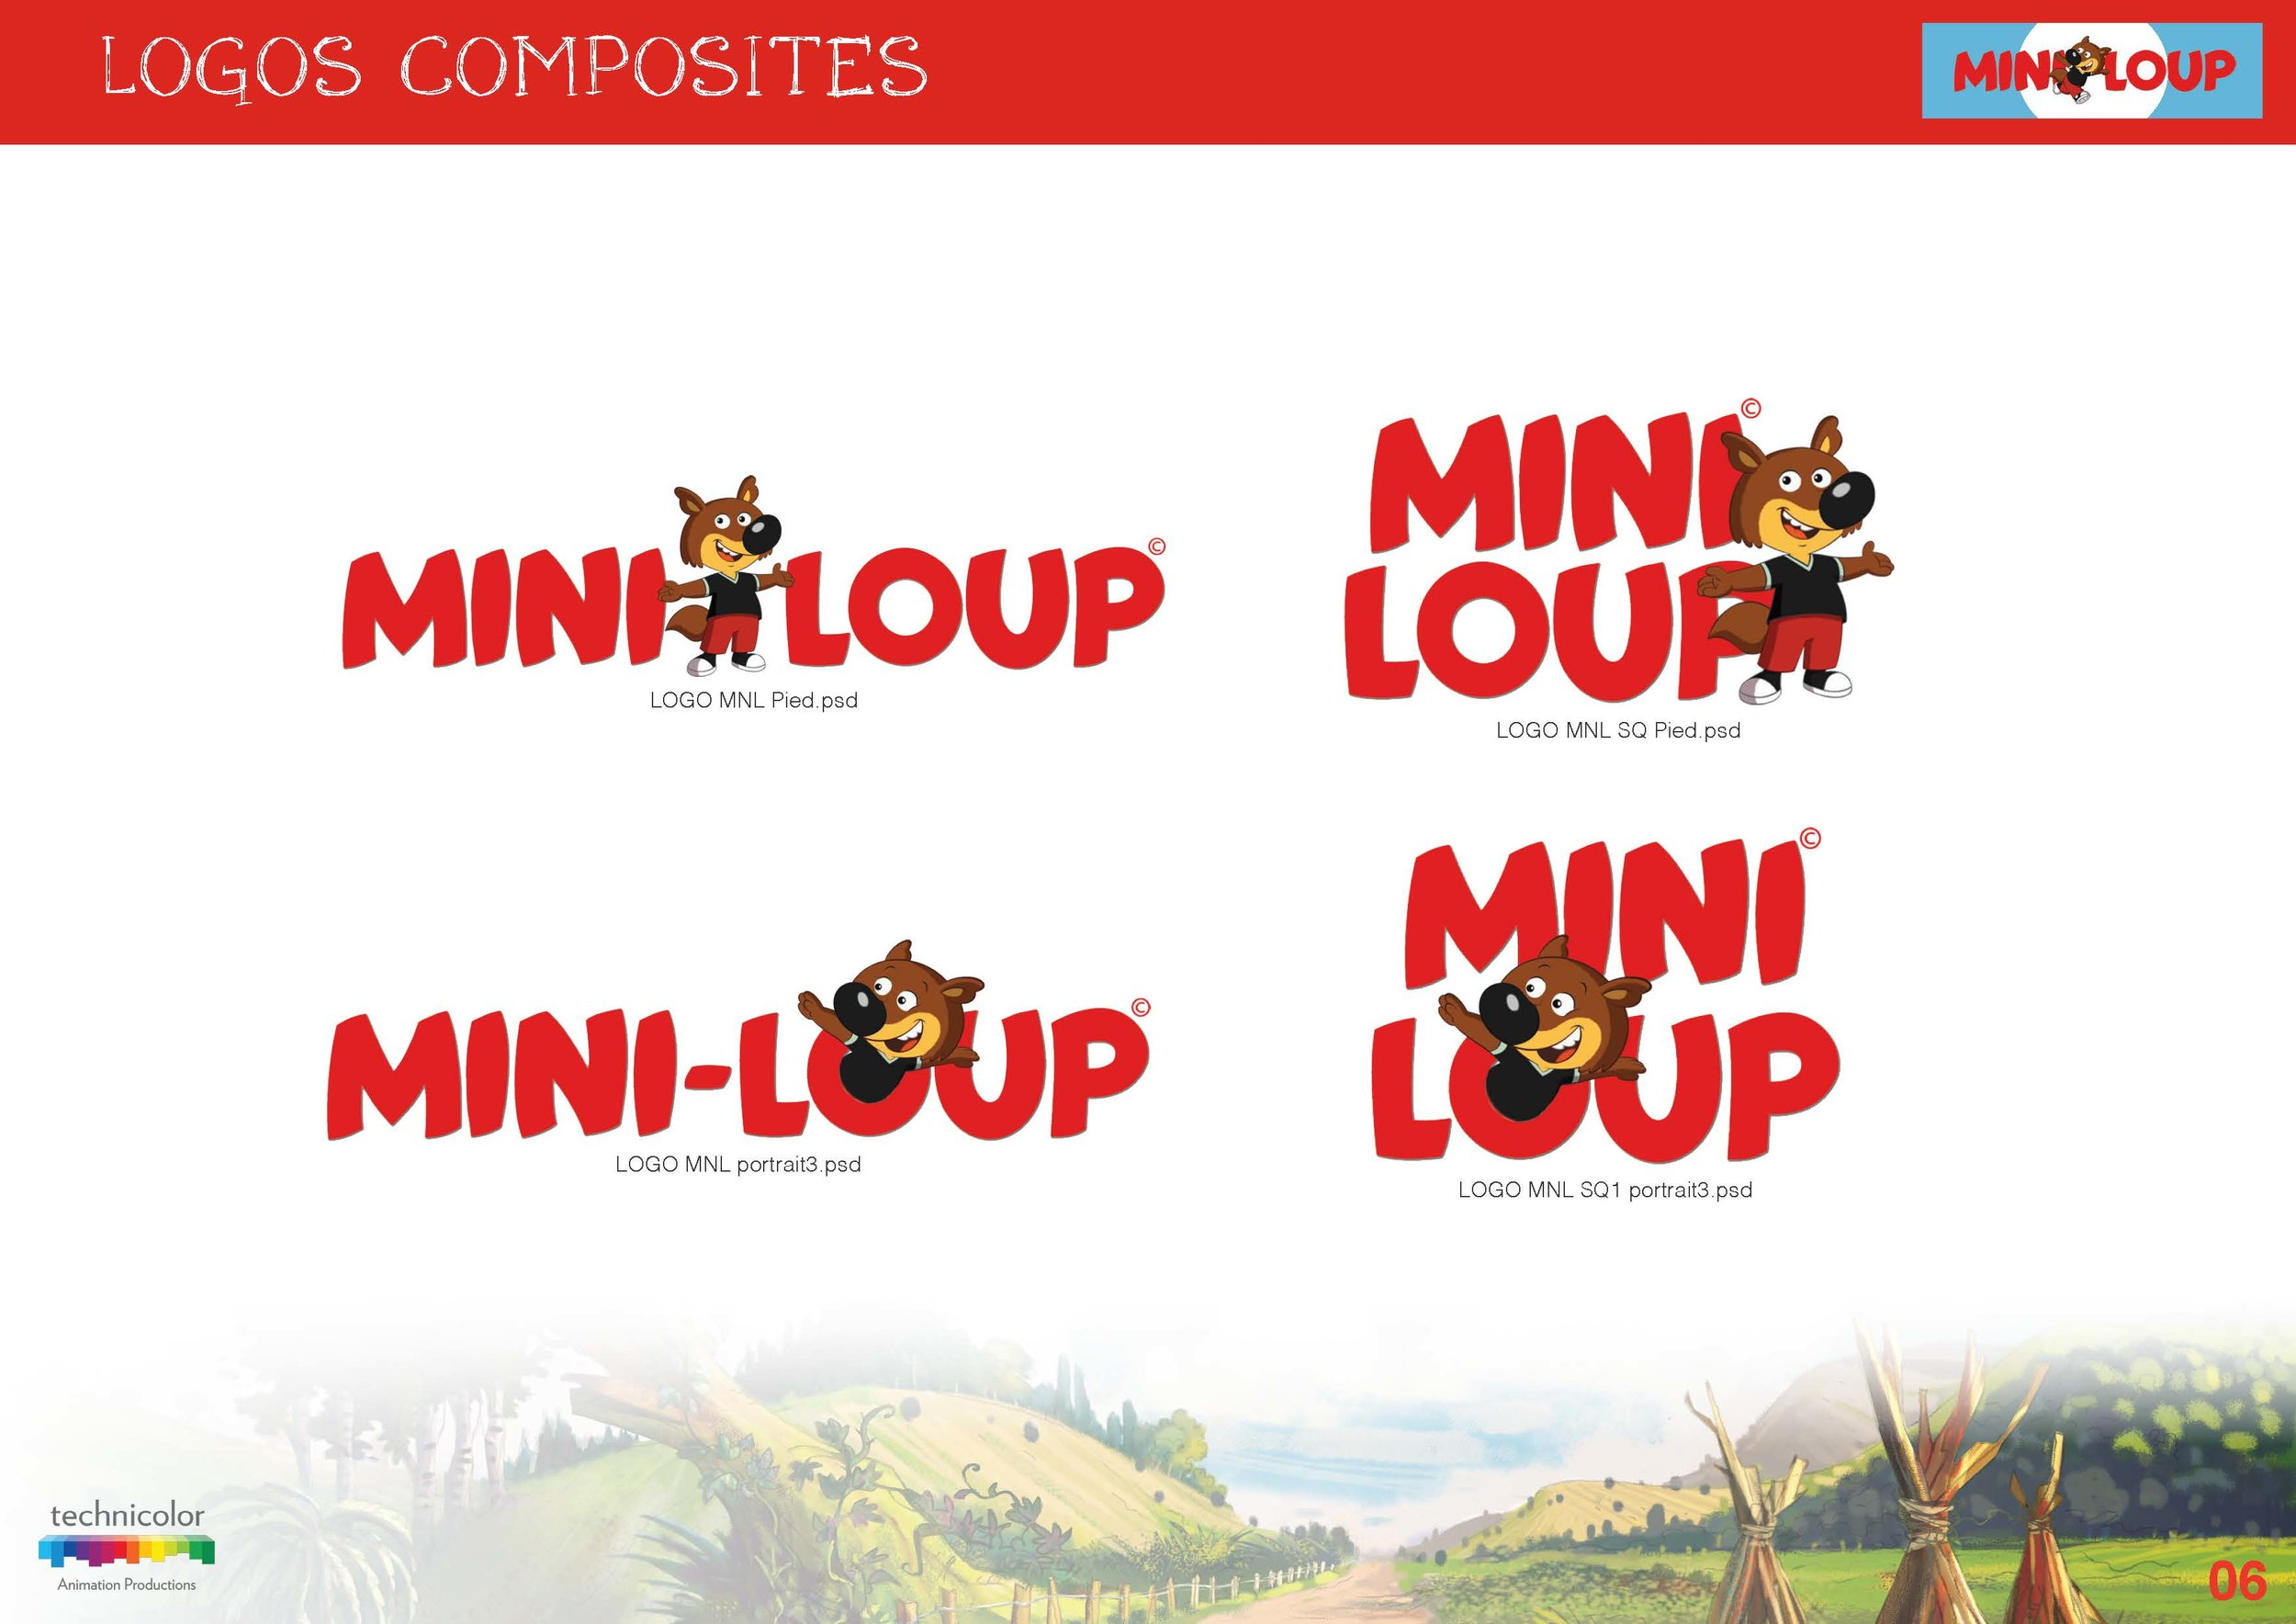 Charte Mini-Loup_Page_06.jpg